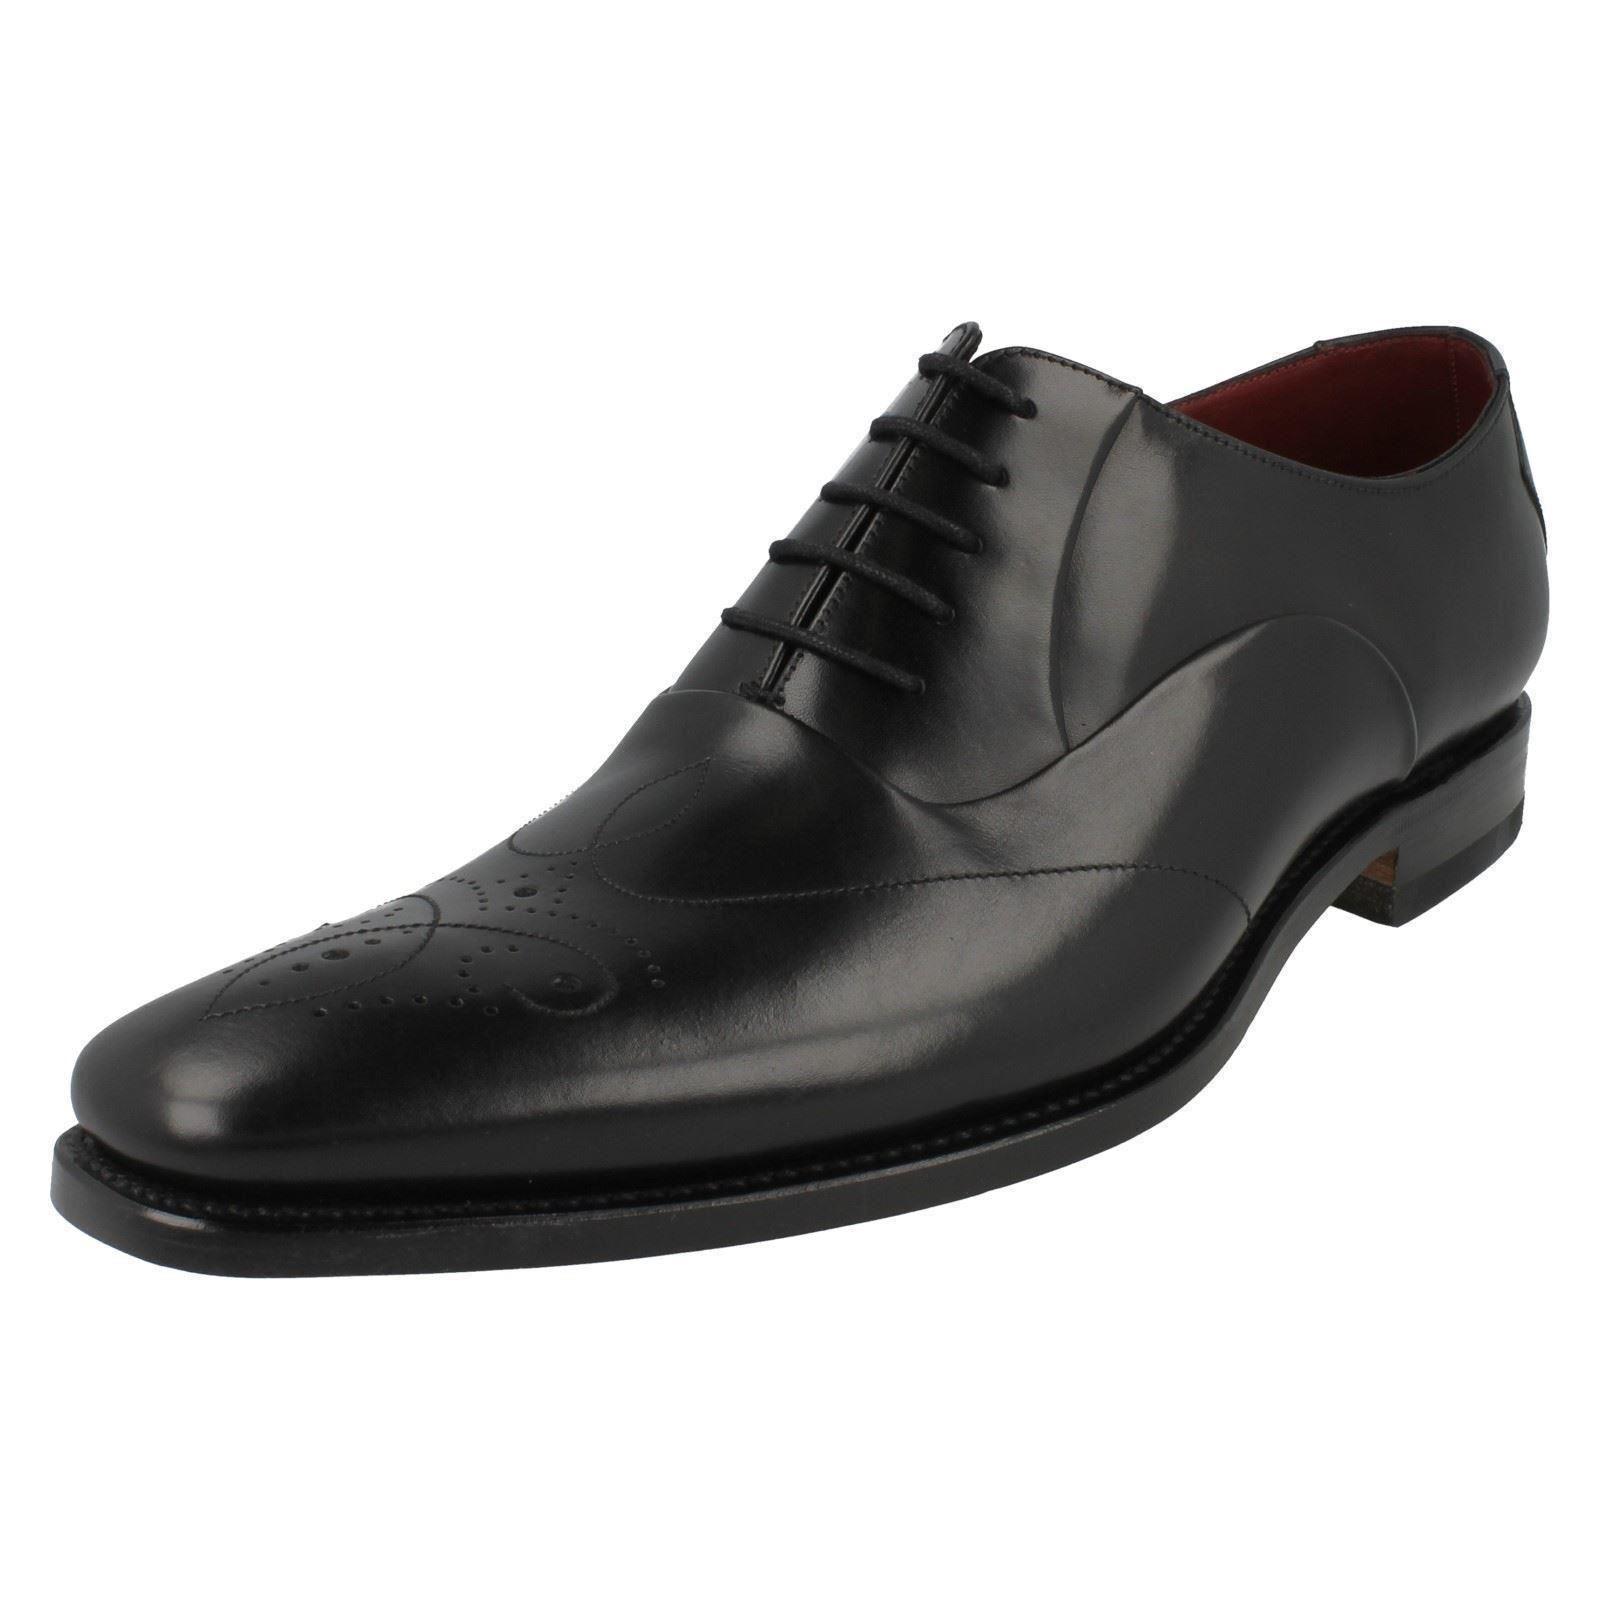 Herren Rupfen F Fassung schwarze geschnürte Leder Schuhe von Loake